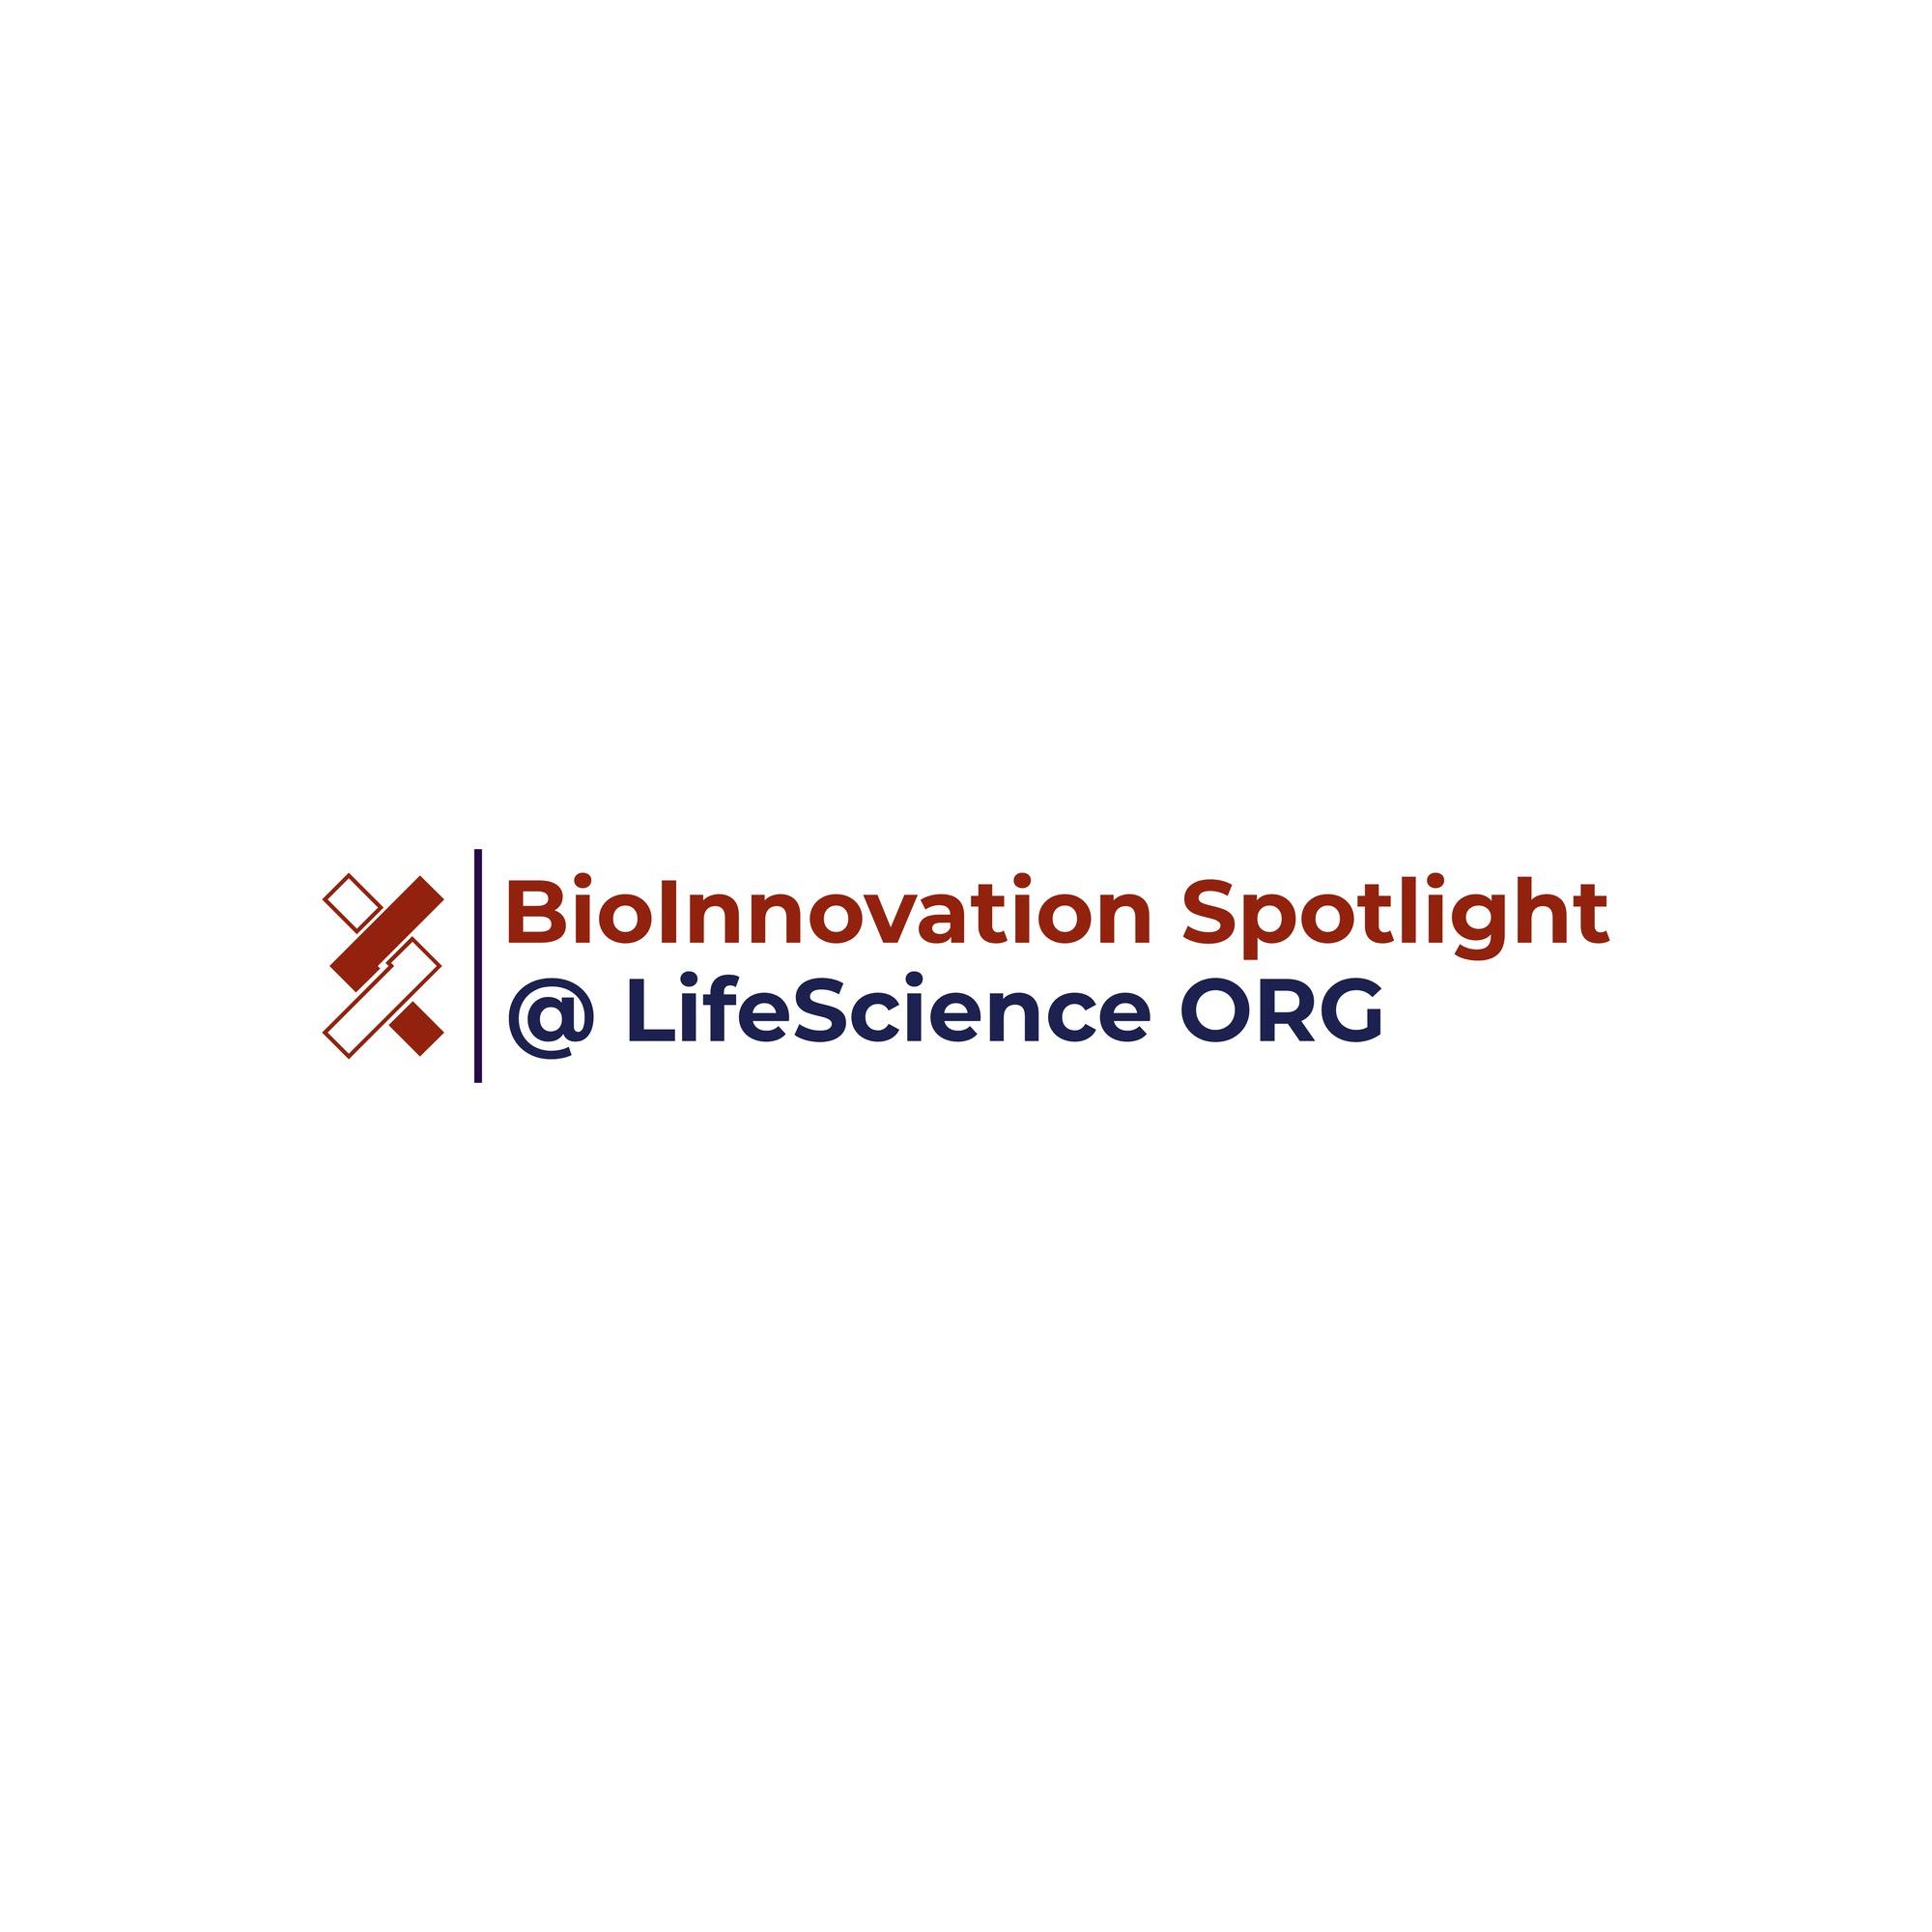 BioInnovation Spotlight